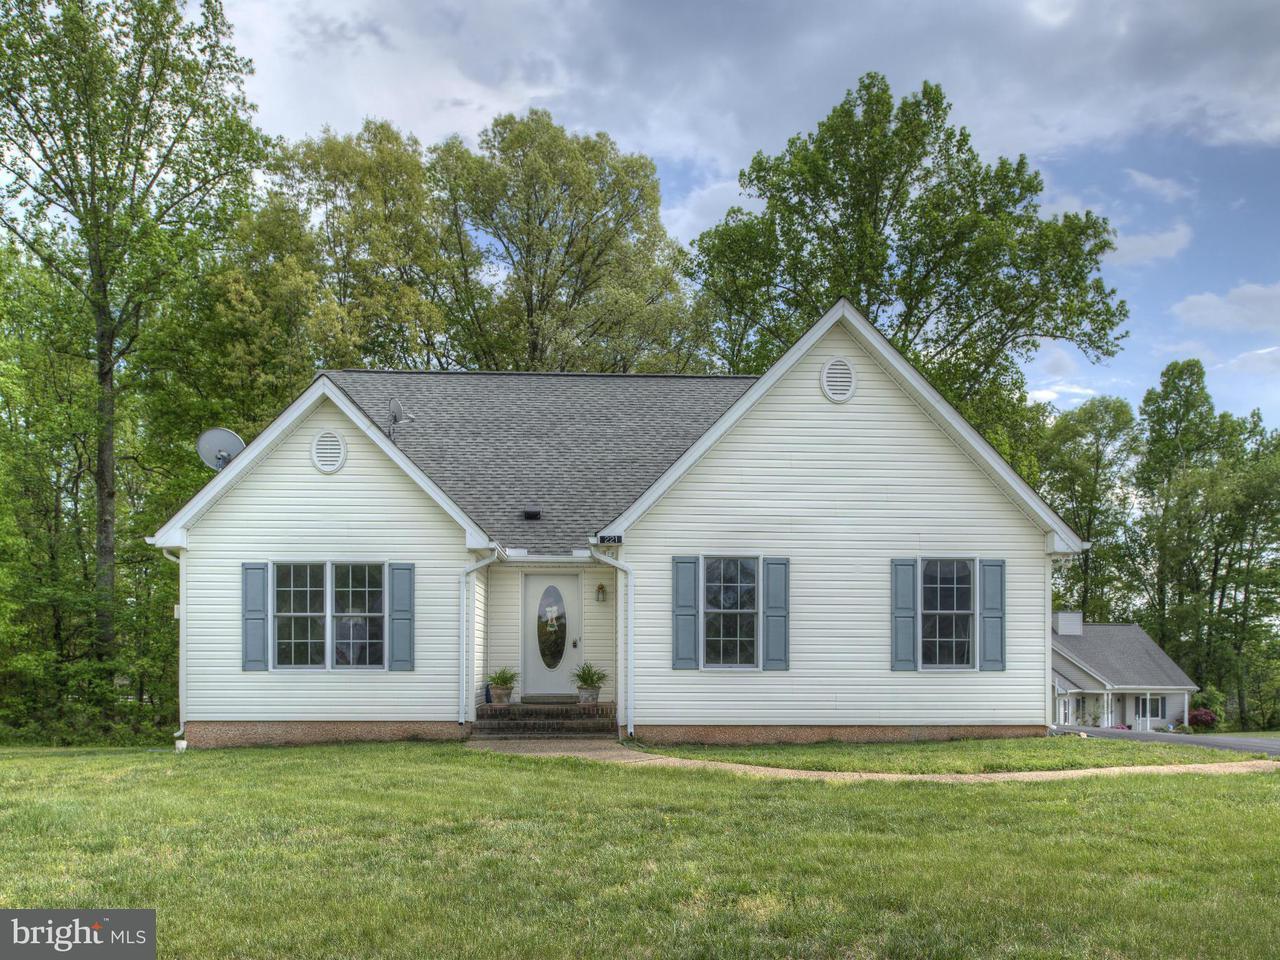 Maison unifamiliale pour l Vente à 221 RANDOLPH Street 221 RANDOLPH Street Mineral, Virginia 23117 États-Unis